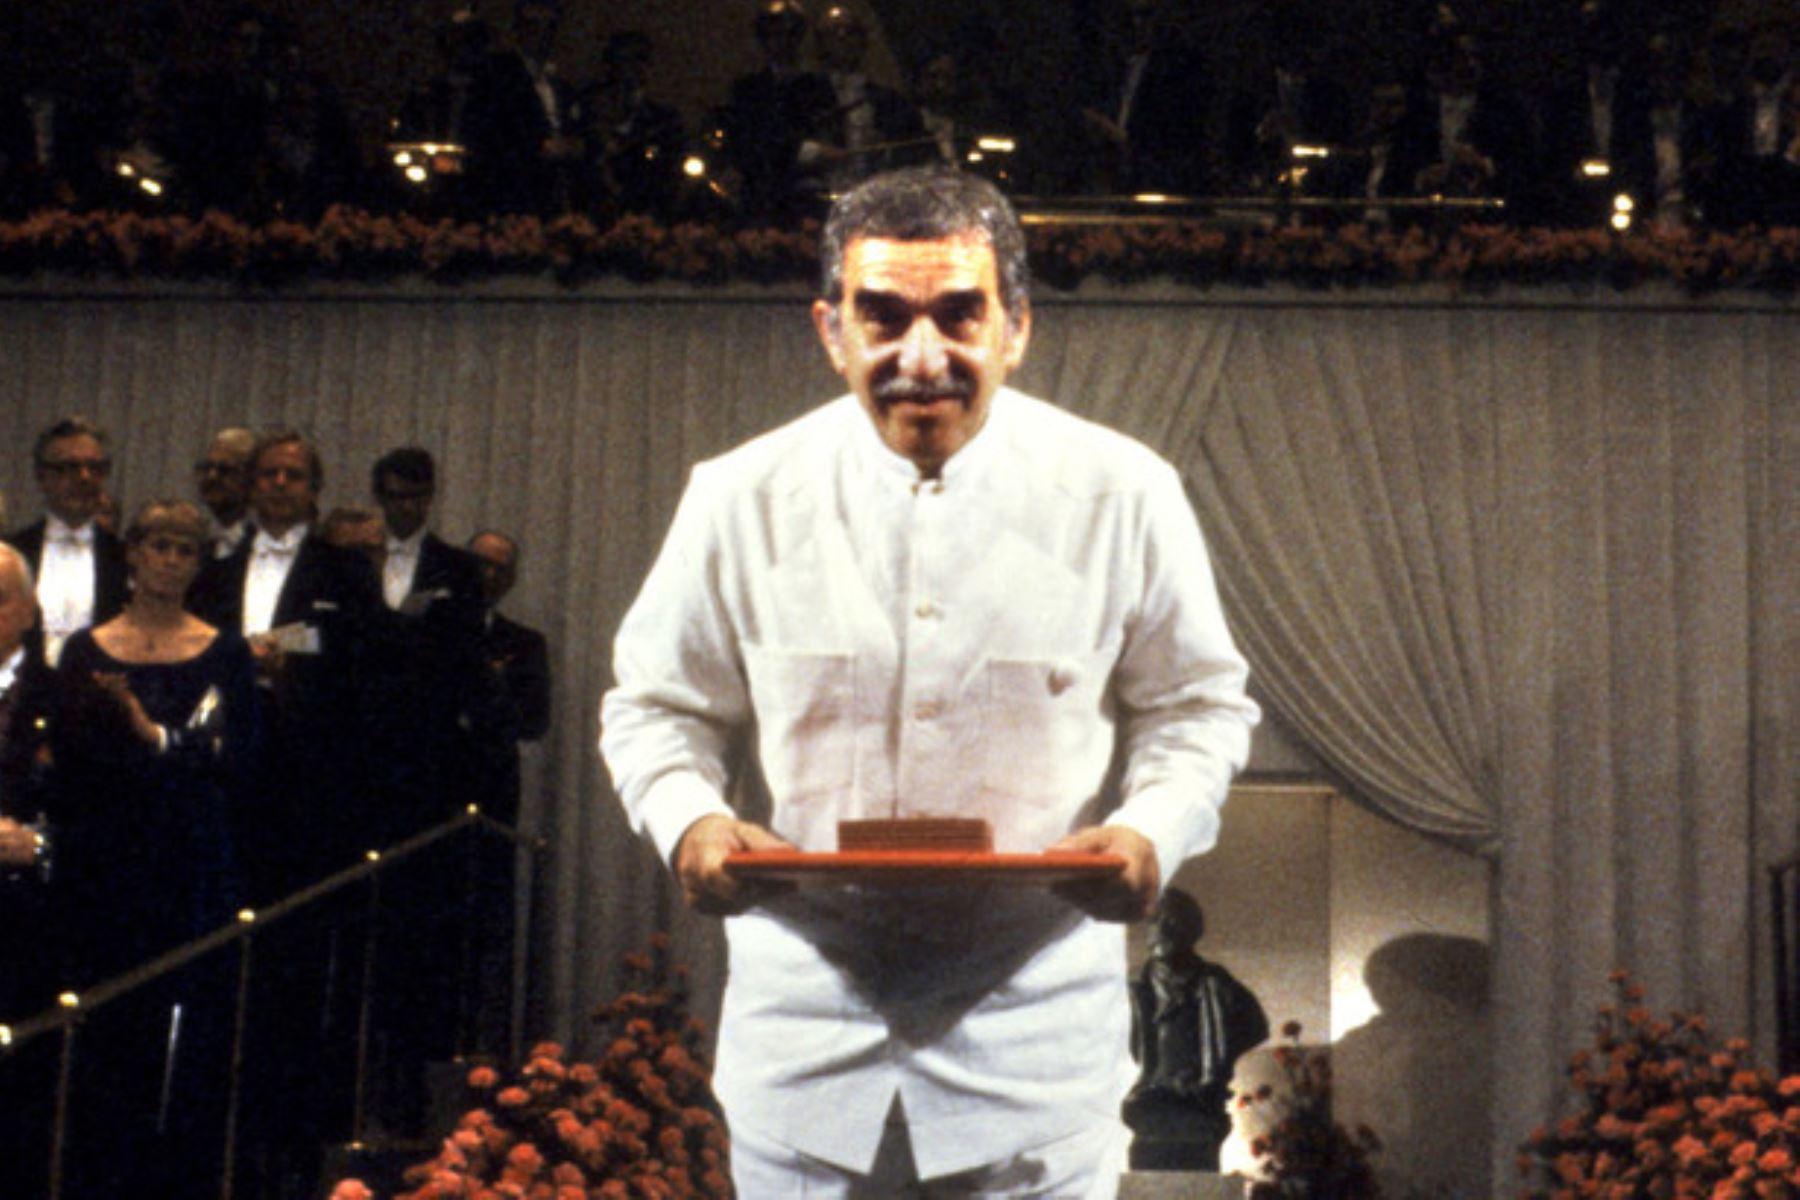 La guayabera se convirtió en una de las icónicas prendas de vestir caribeñas desde que fuera popularizada por Gabriel García Márquez. El escritor colombiano lució ese tipo de camisa cuando recibió el Premio Nobel de Literatura, en 1982. (Foto: AFP)